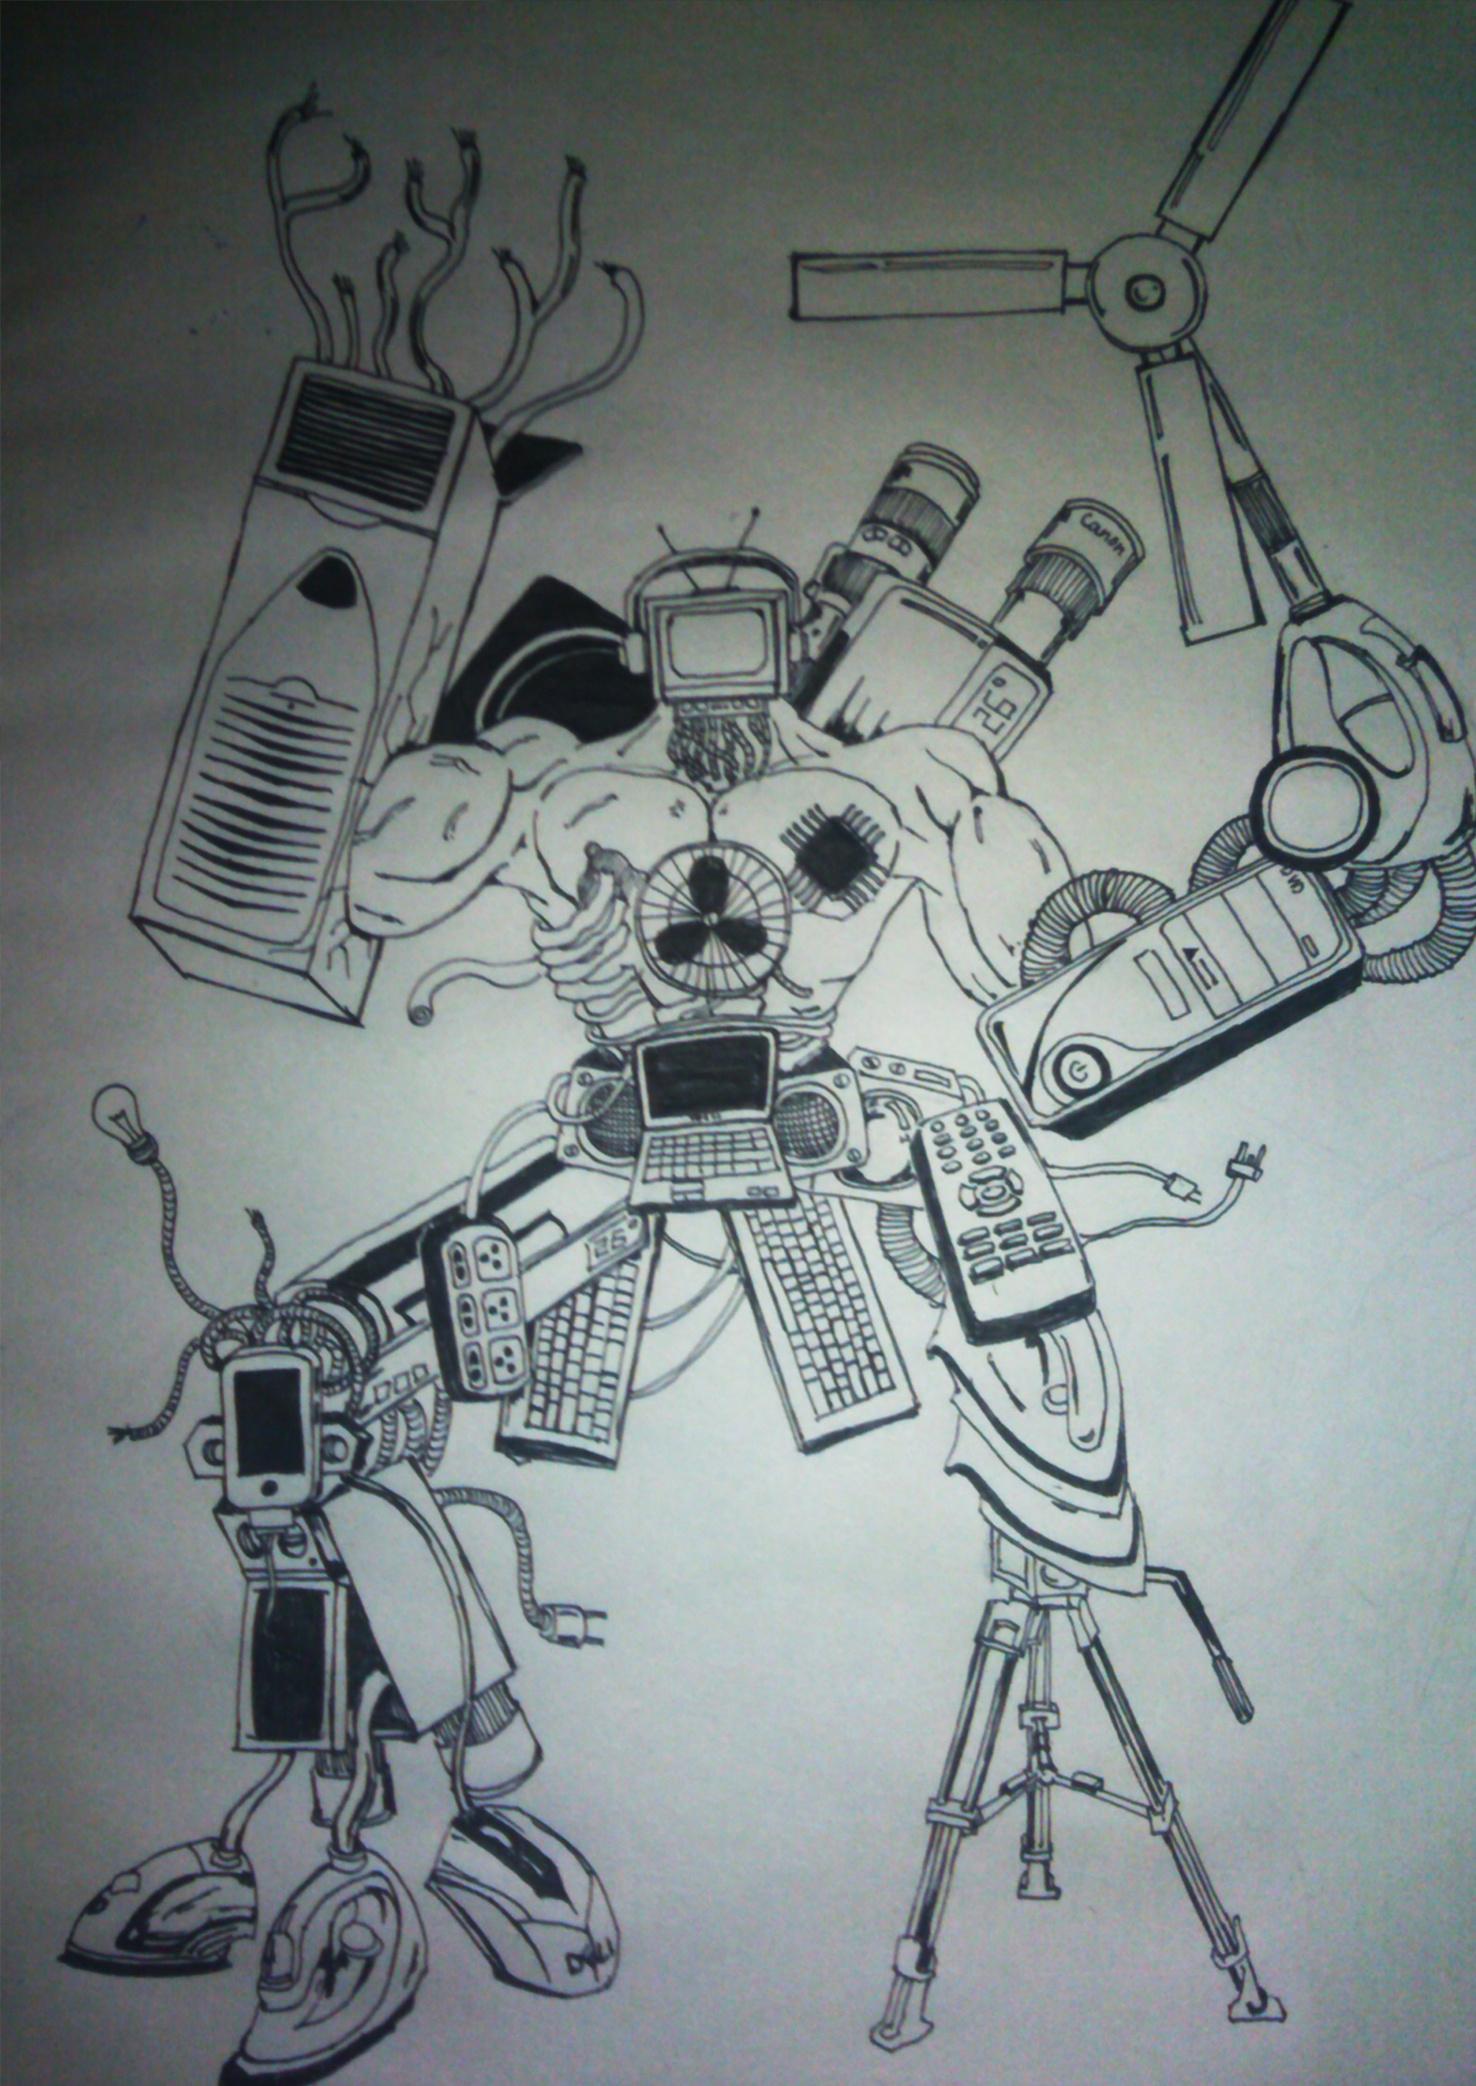 家用电器 机器人